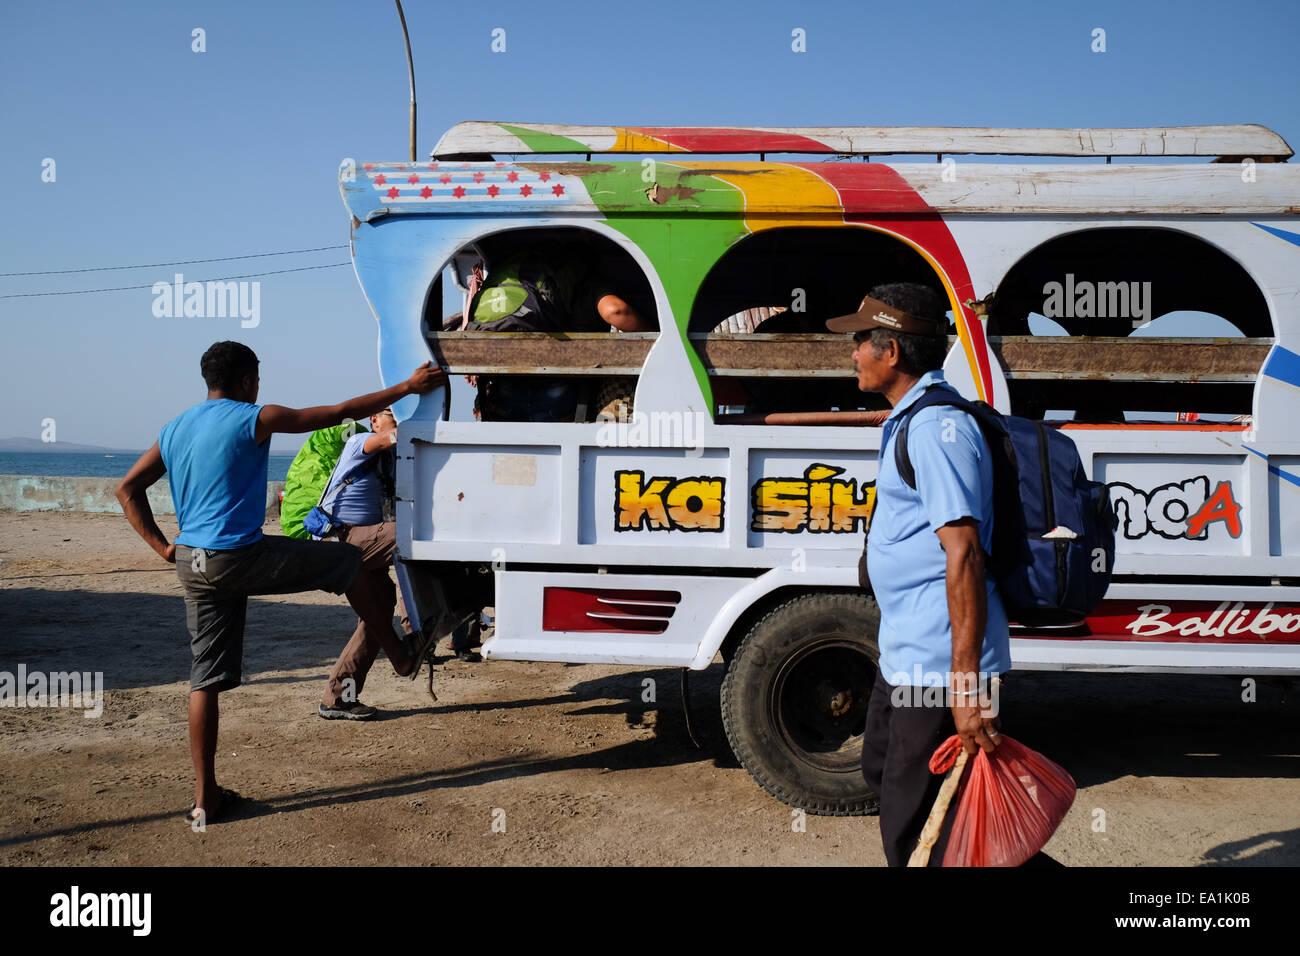 Les transports publics de la ville, l'île de Lembata Lewoleba, Indonésie. Photo Stock